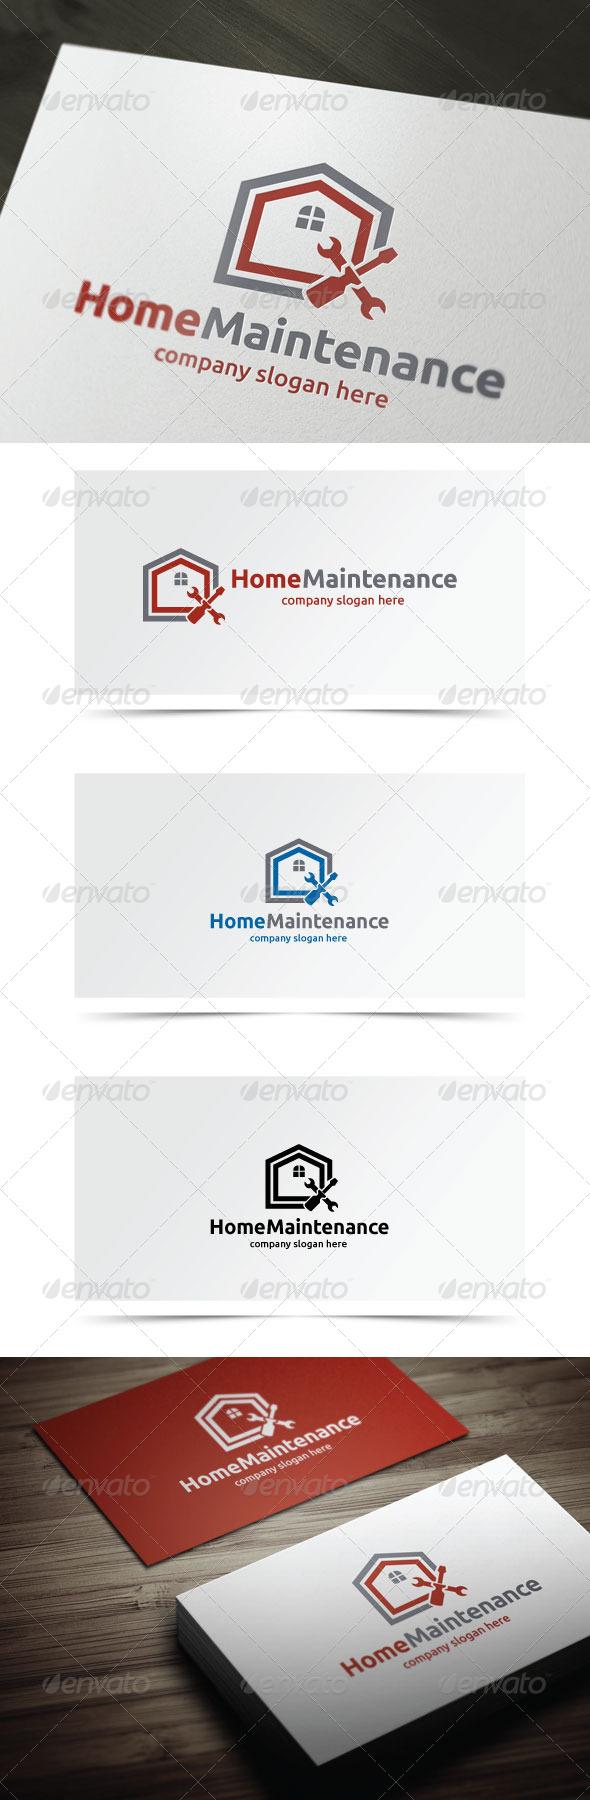 GraphicRiver Home Maintenance 6546984